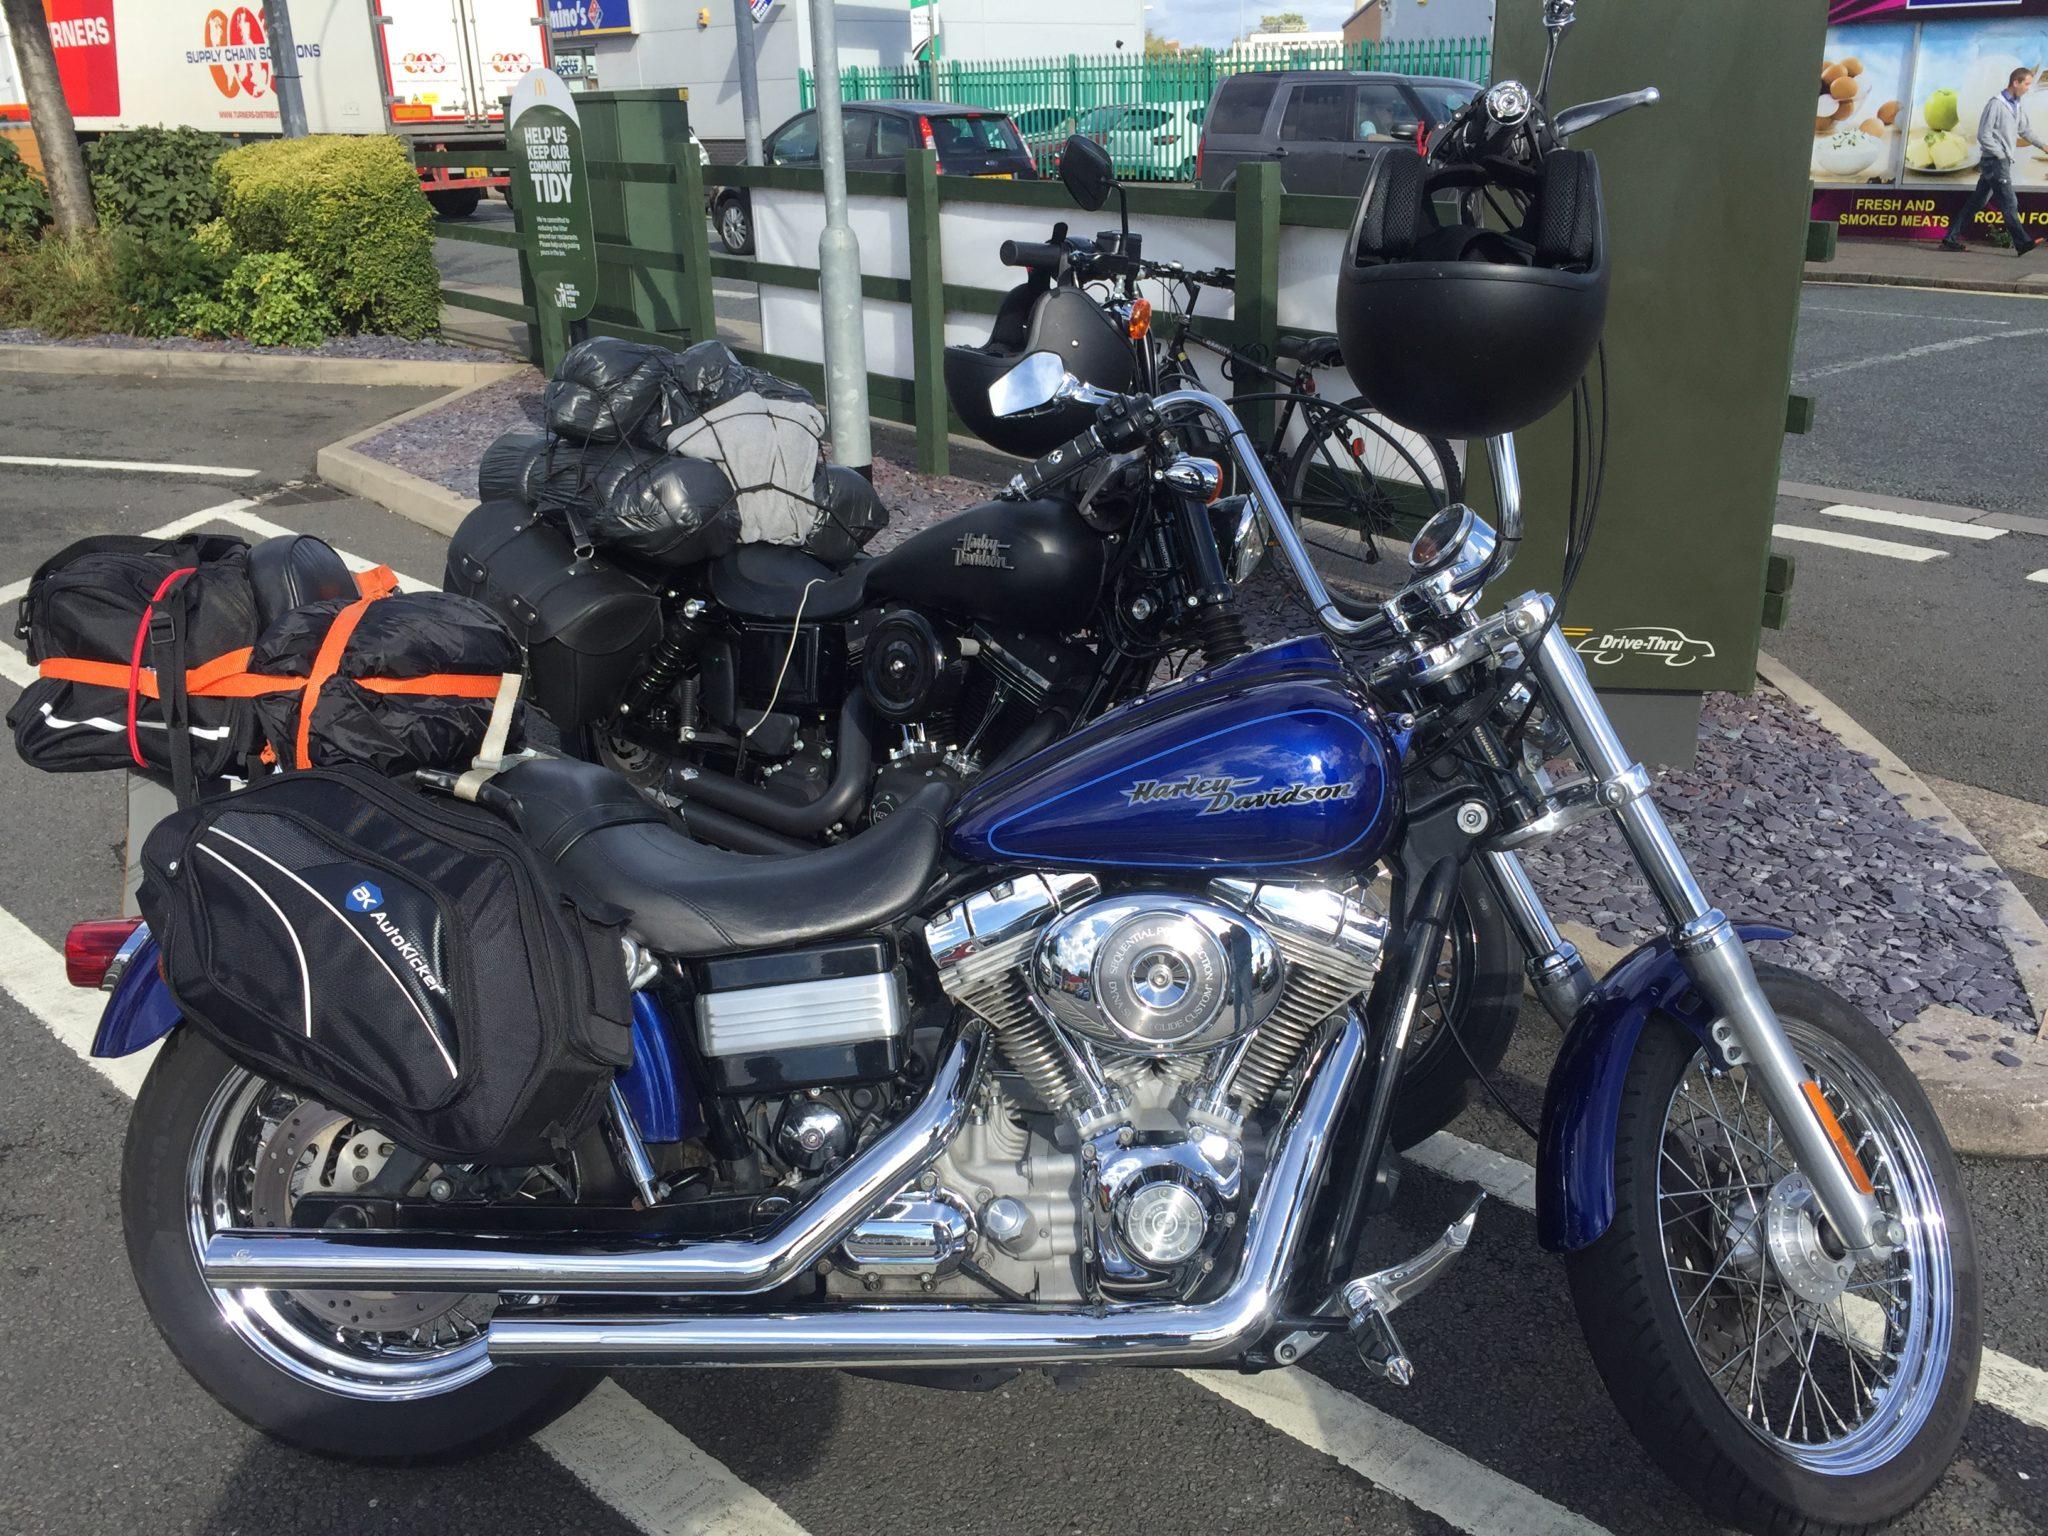 Richard Dunnan – Harley Davidson Dyna Glide